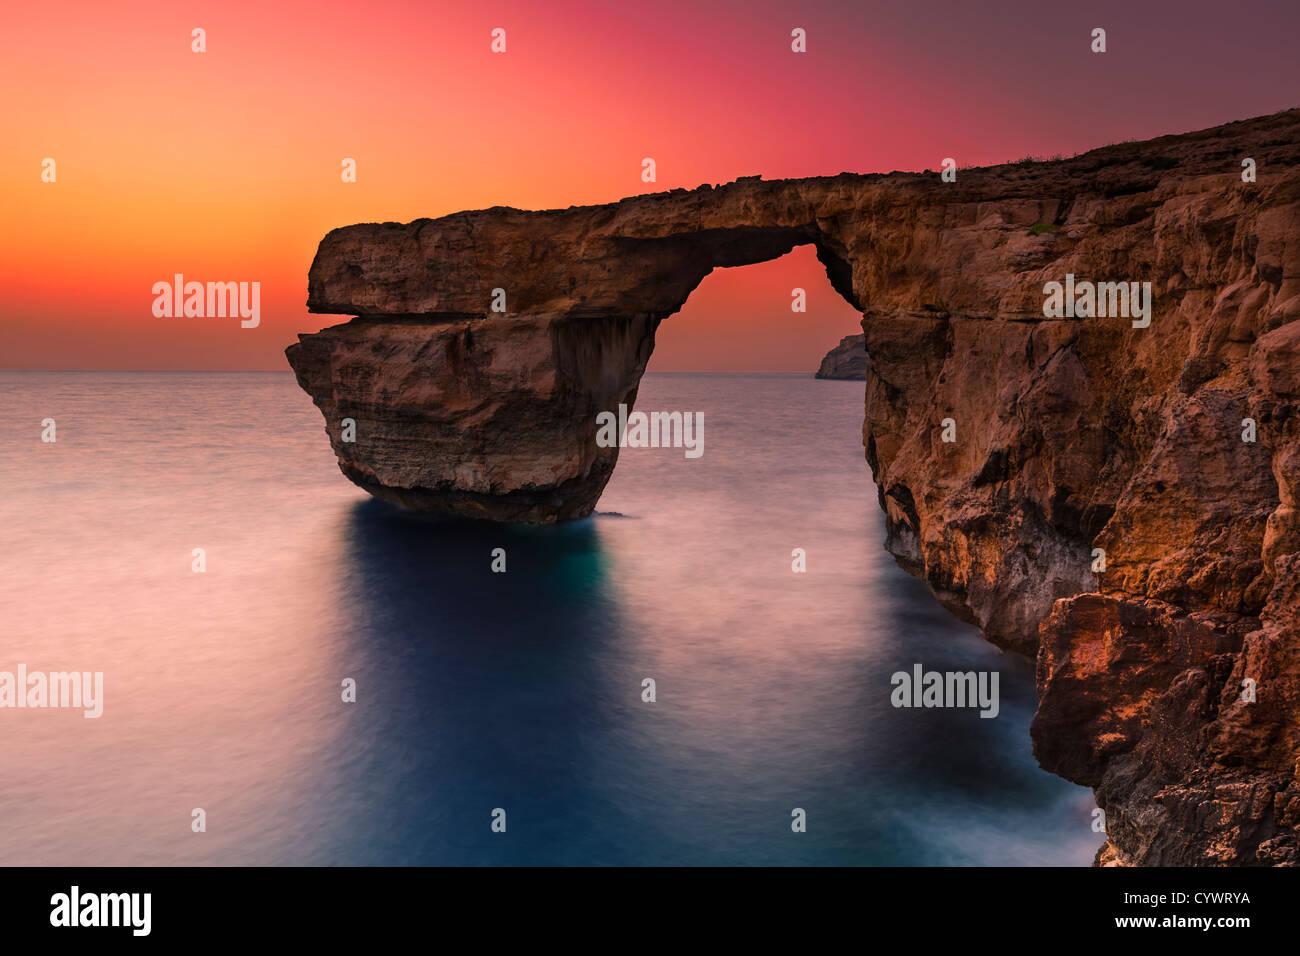 La finestra Azzurra sulla costa dell'isola di Malta Gozo Immagini Stock